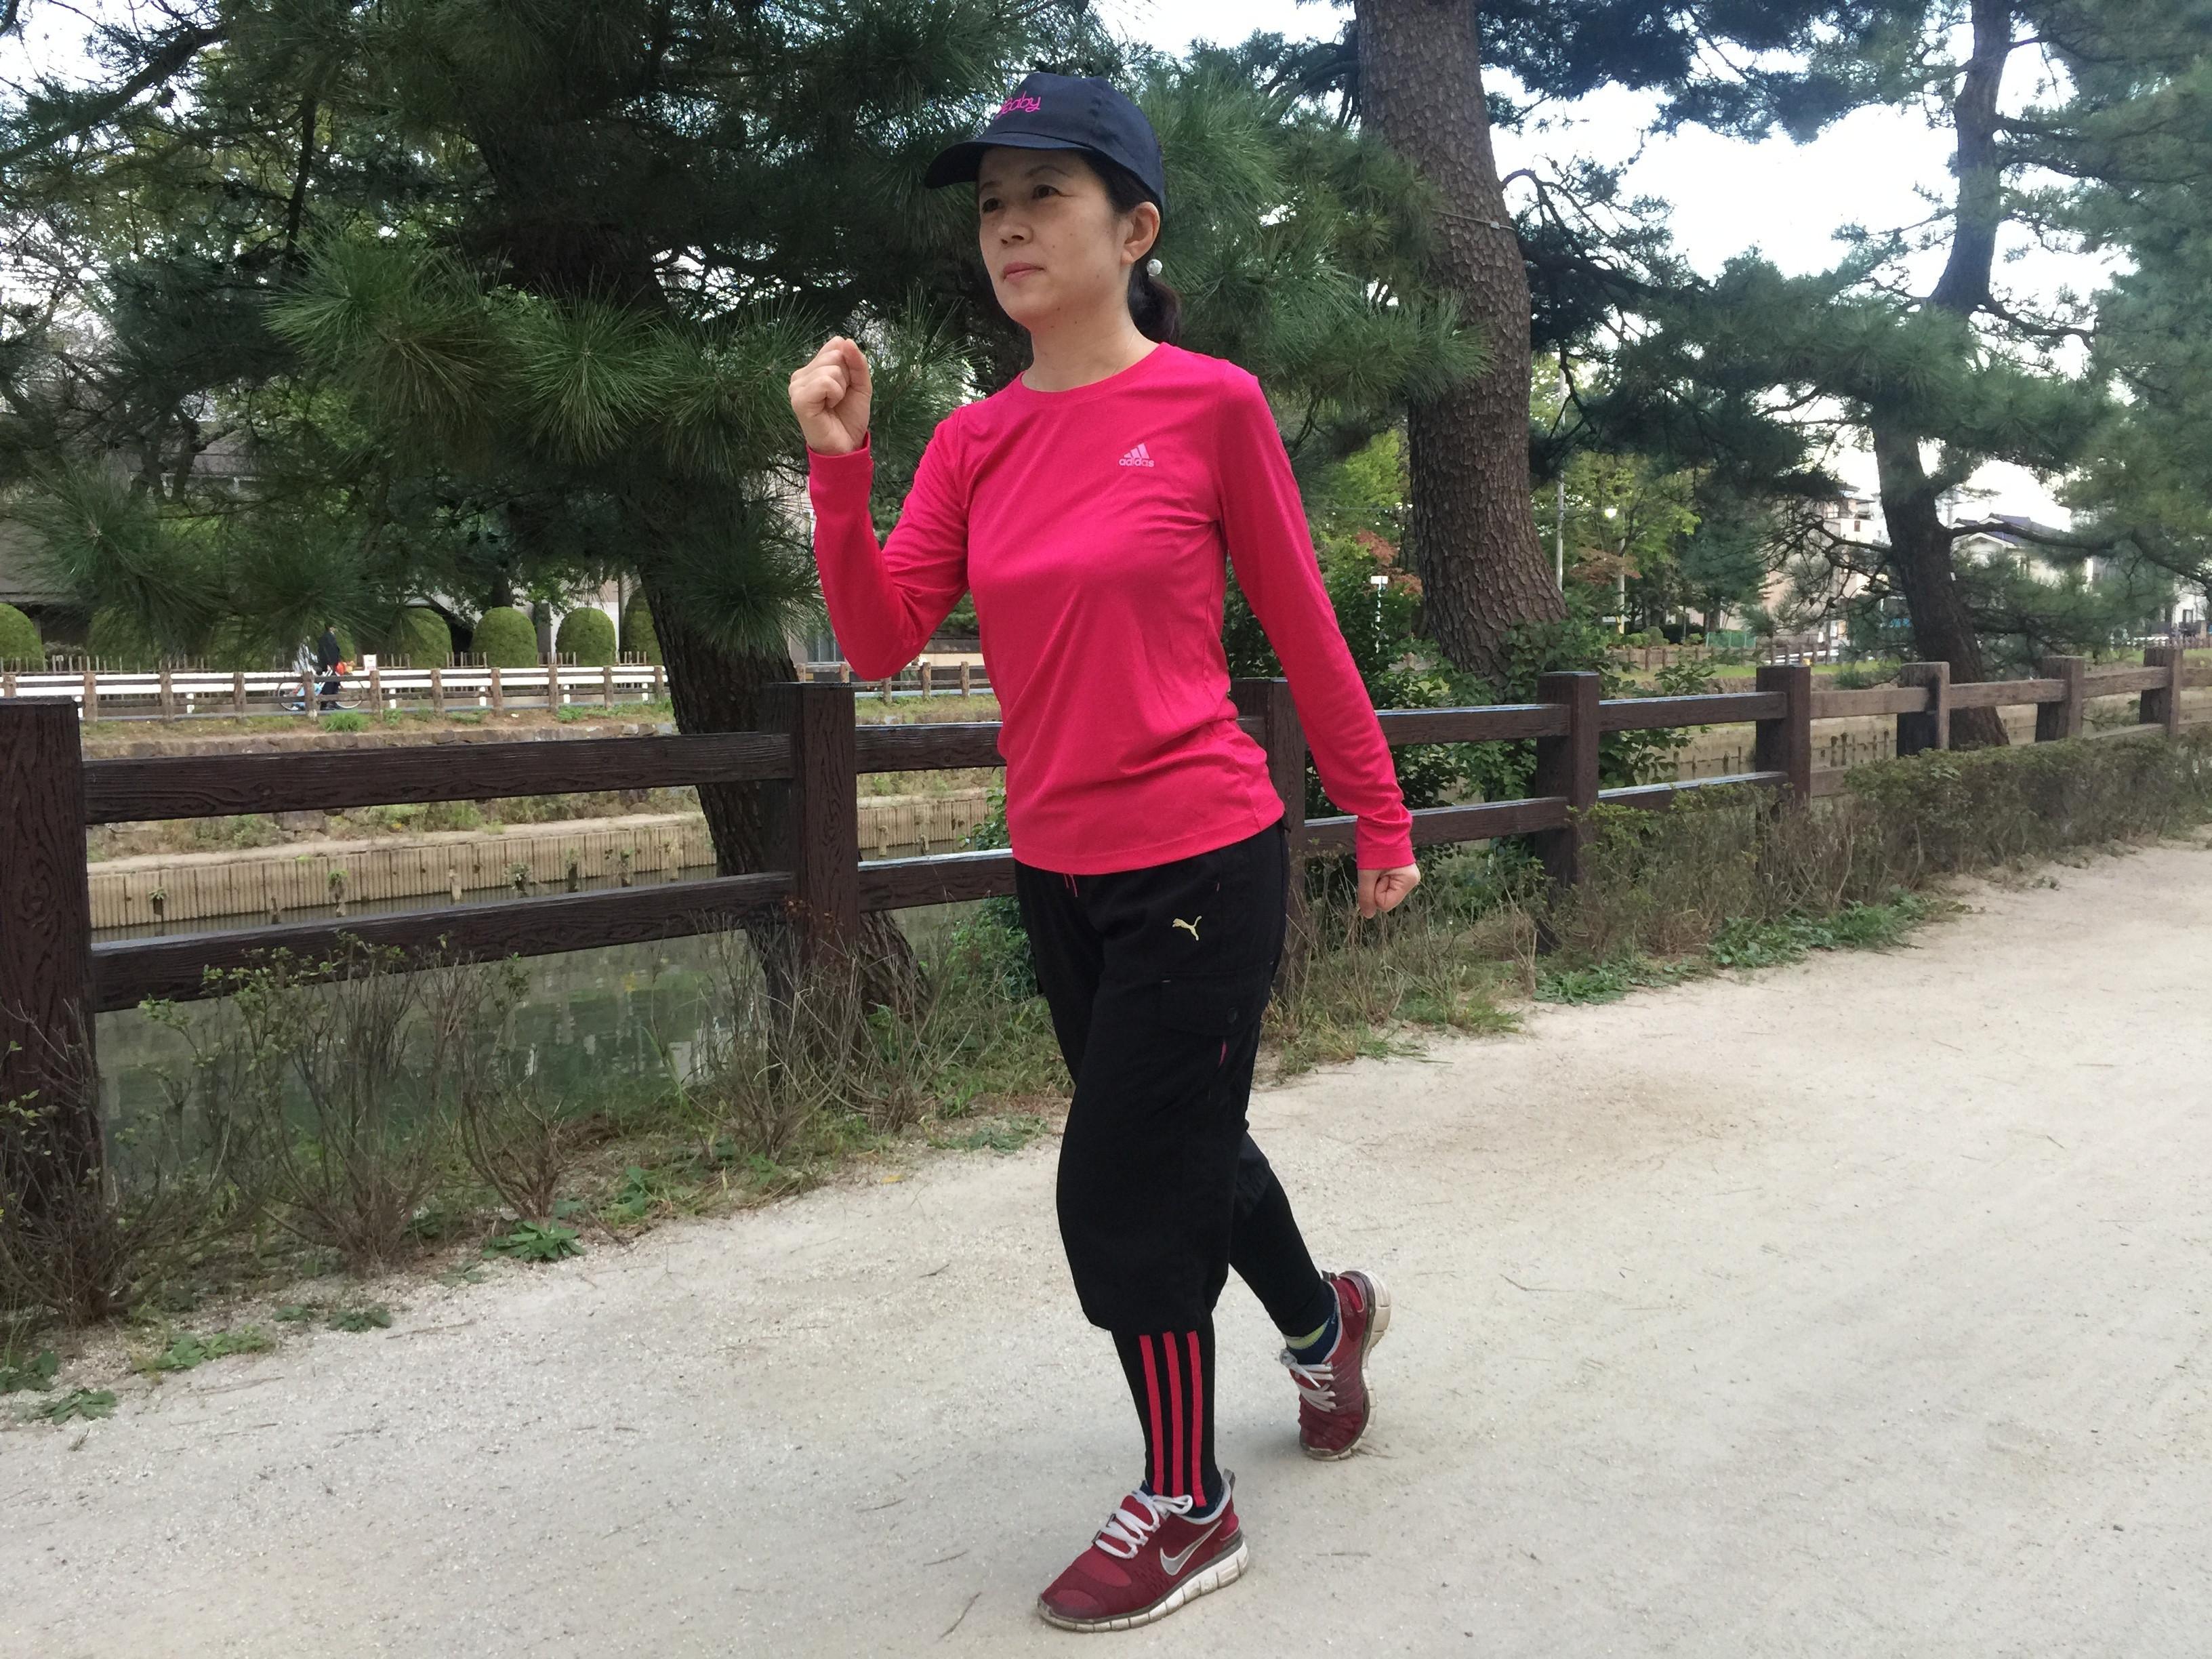 身体不活動(運動不足)は全世界の死亡危険因子第4位